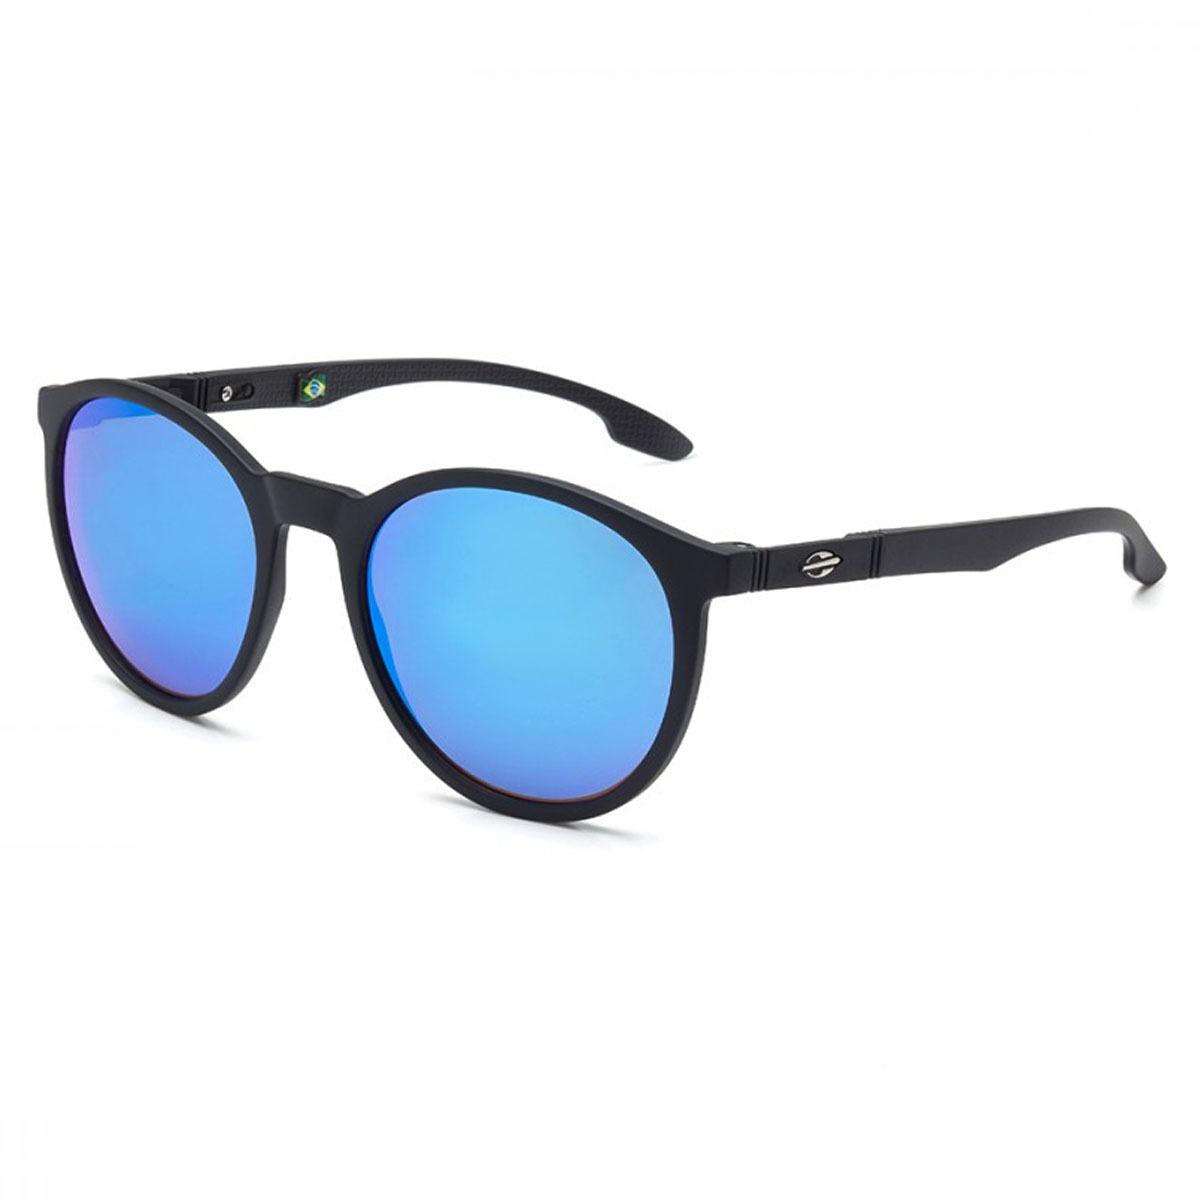 Óculos Mormaii Maui Preto Fosco  Lente Azul Espelhado - R  299,90 em ... c02aee549f